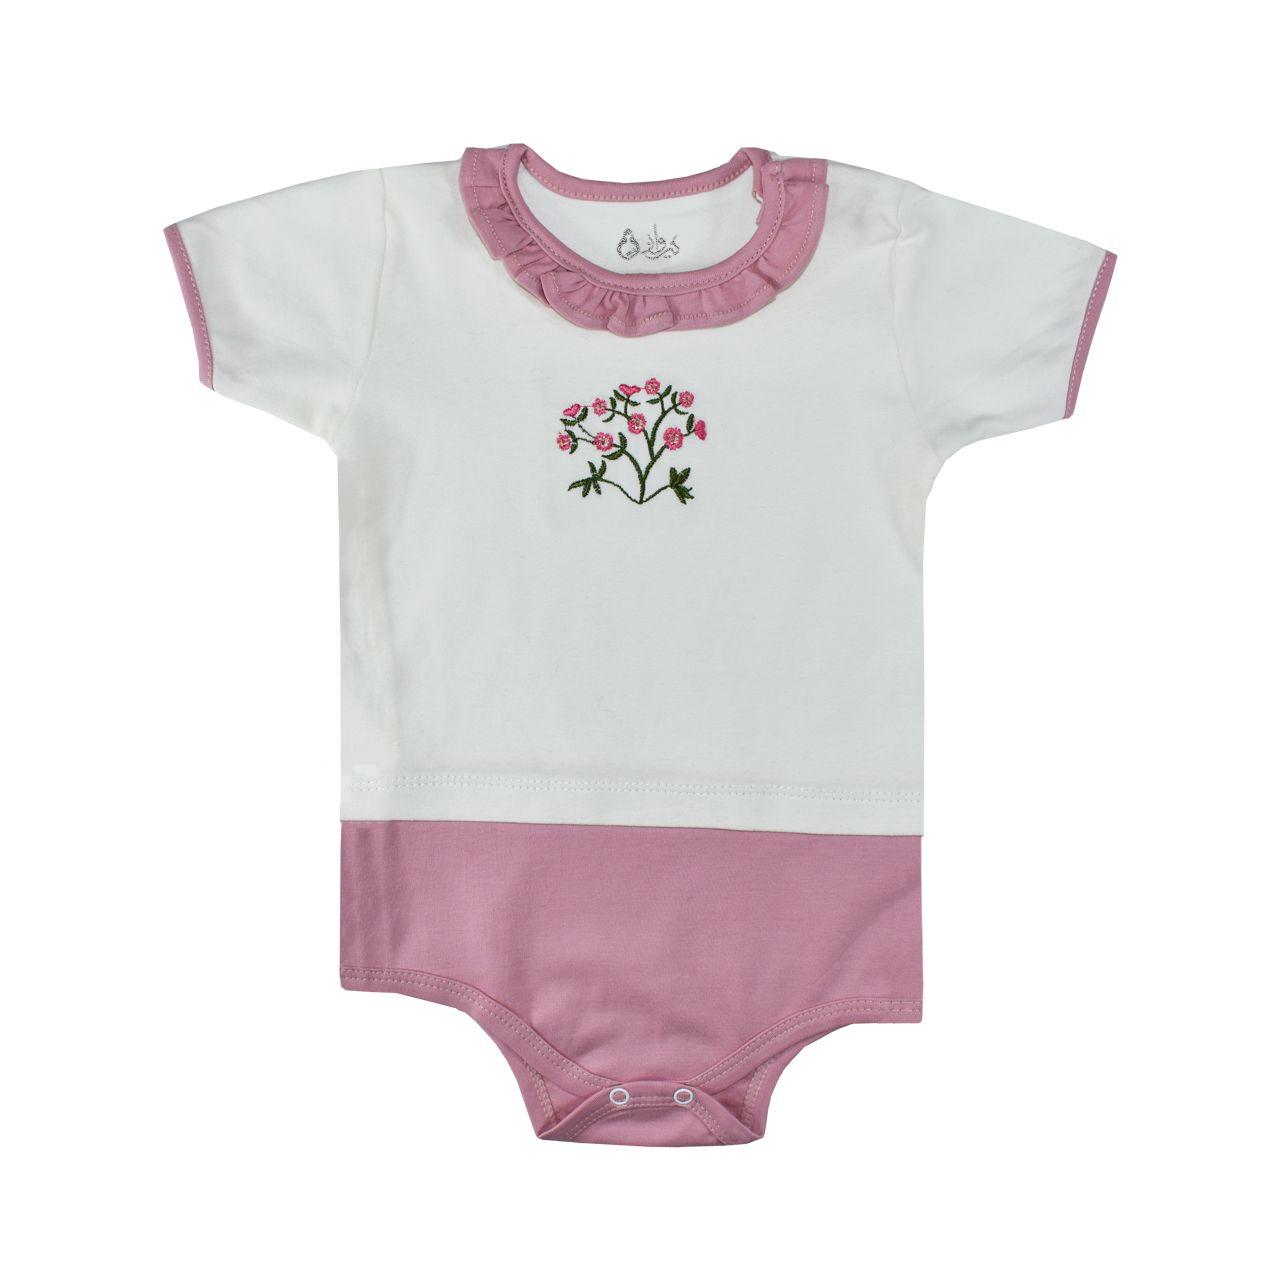 ست 5 تکه لباس نوزادی نیروان طرح گل کد 4 -  - 13